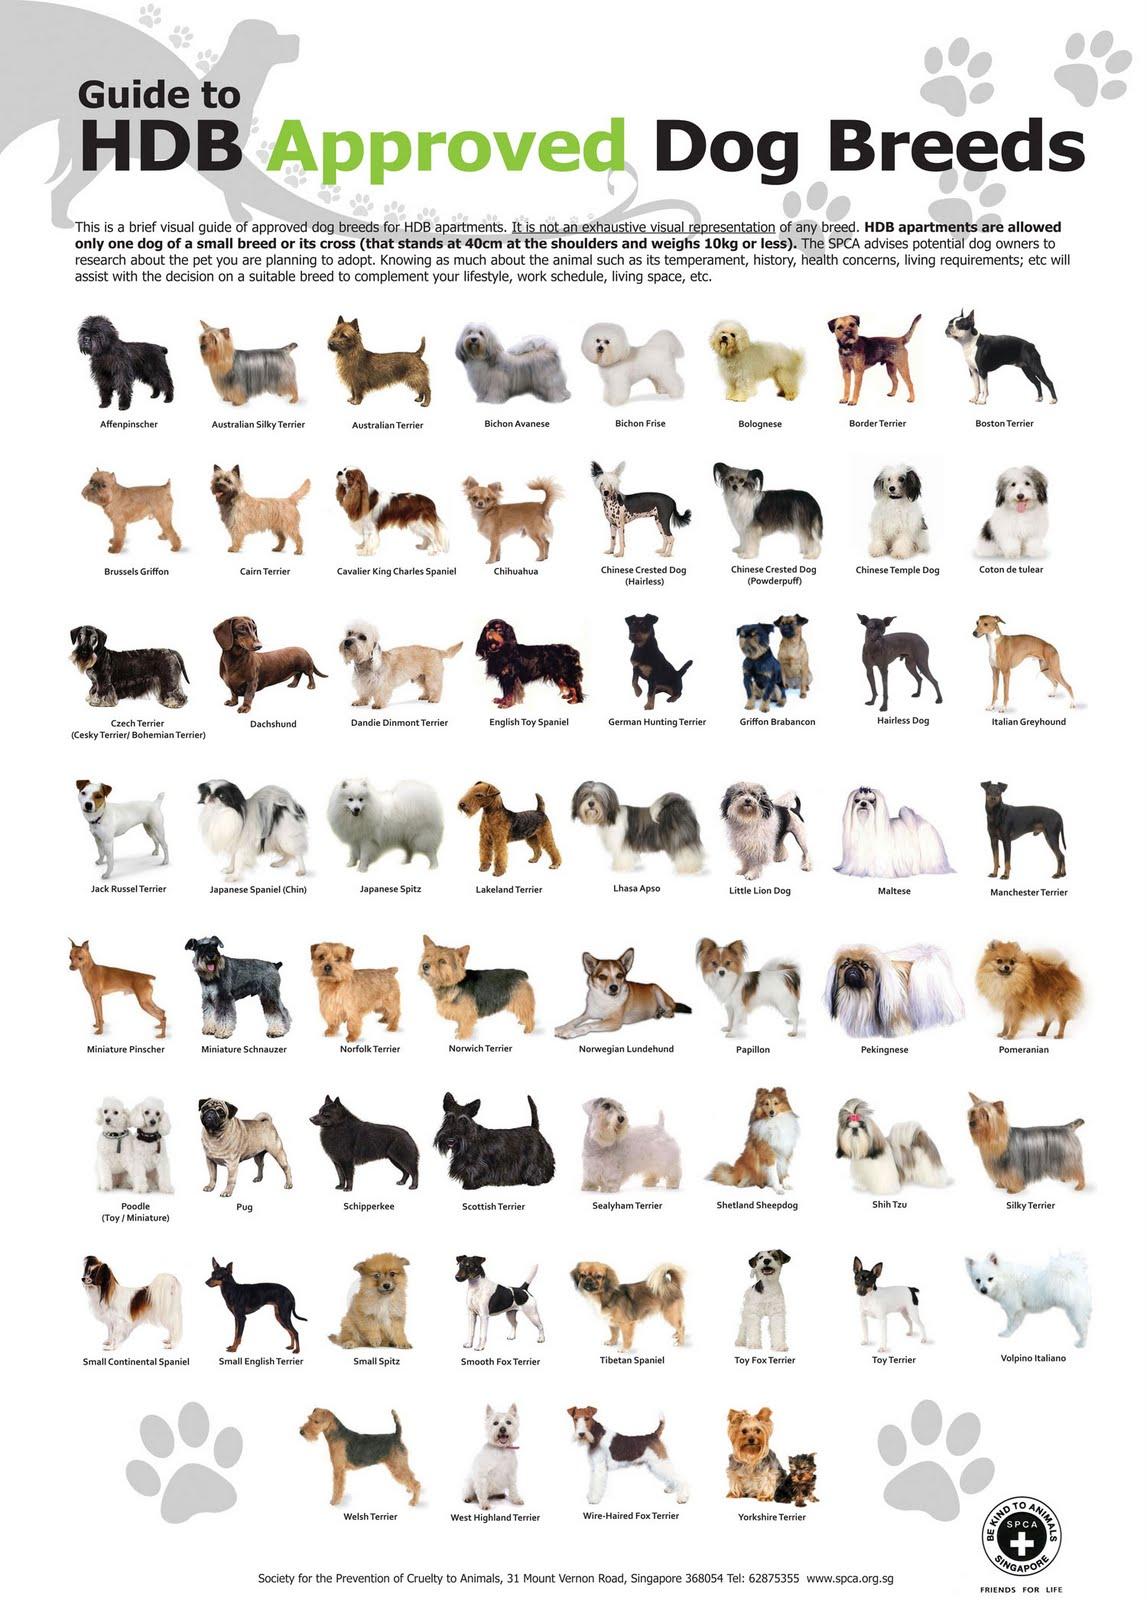 آزادی درون: لیست نژادهای سگ